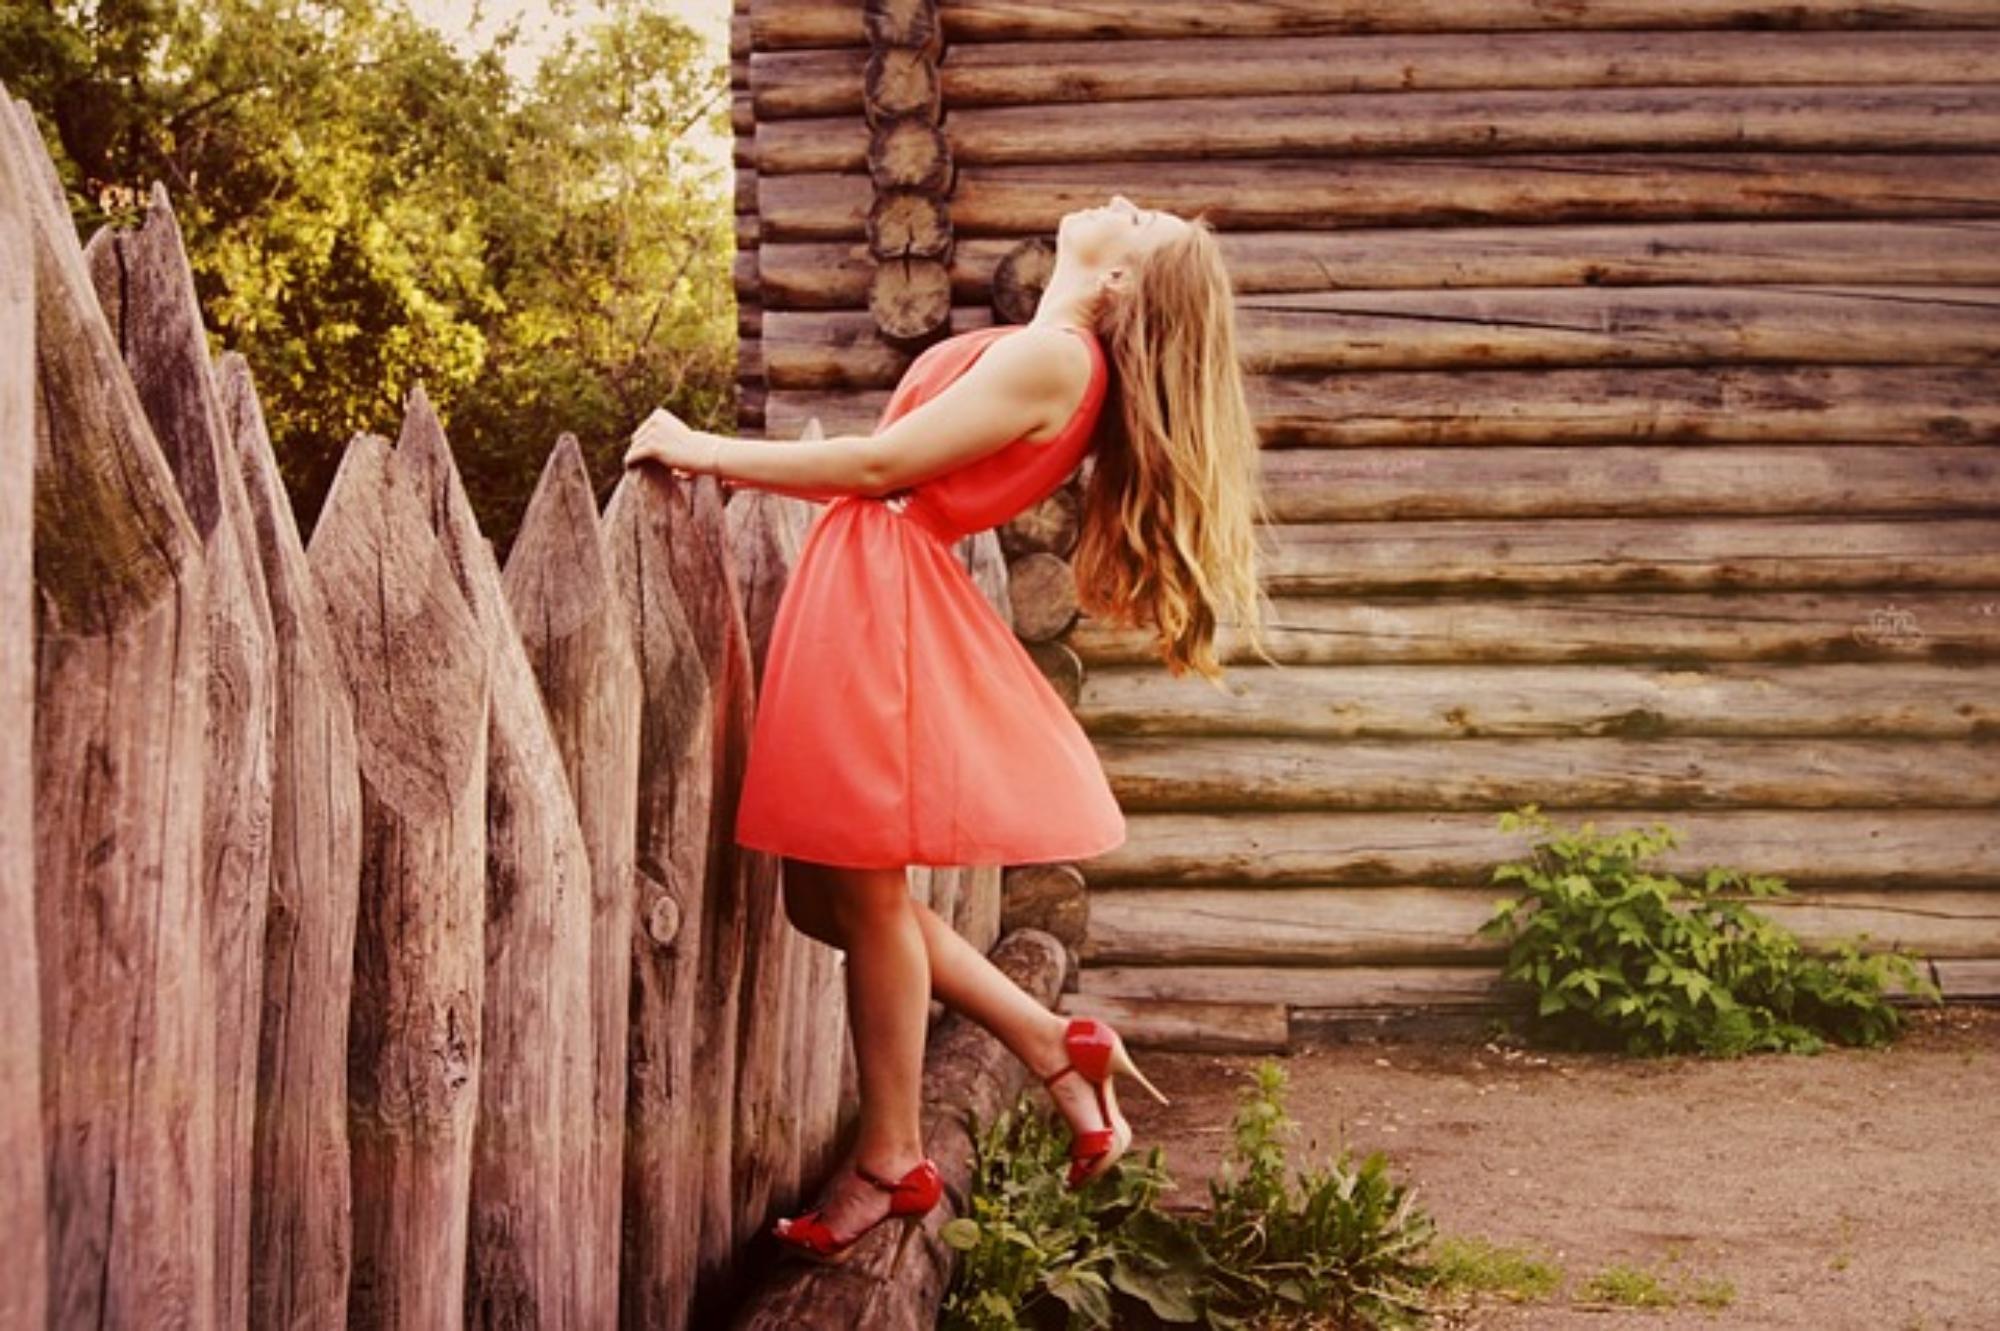 jak dobrać buty do sukienki, Jak dobrać buty do sukienki?